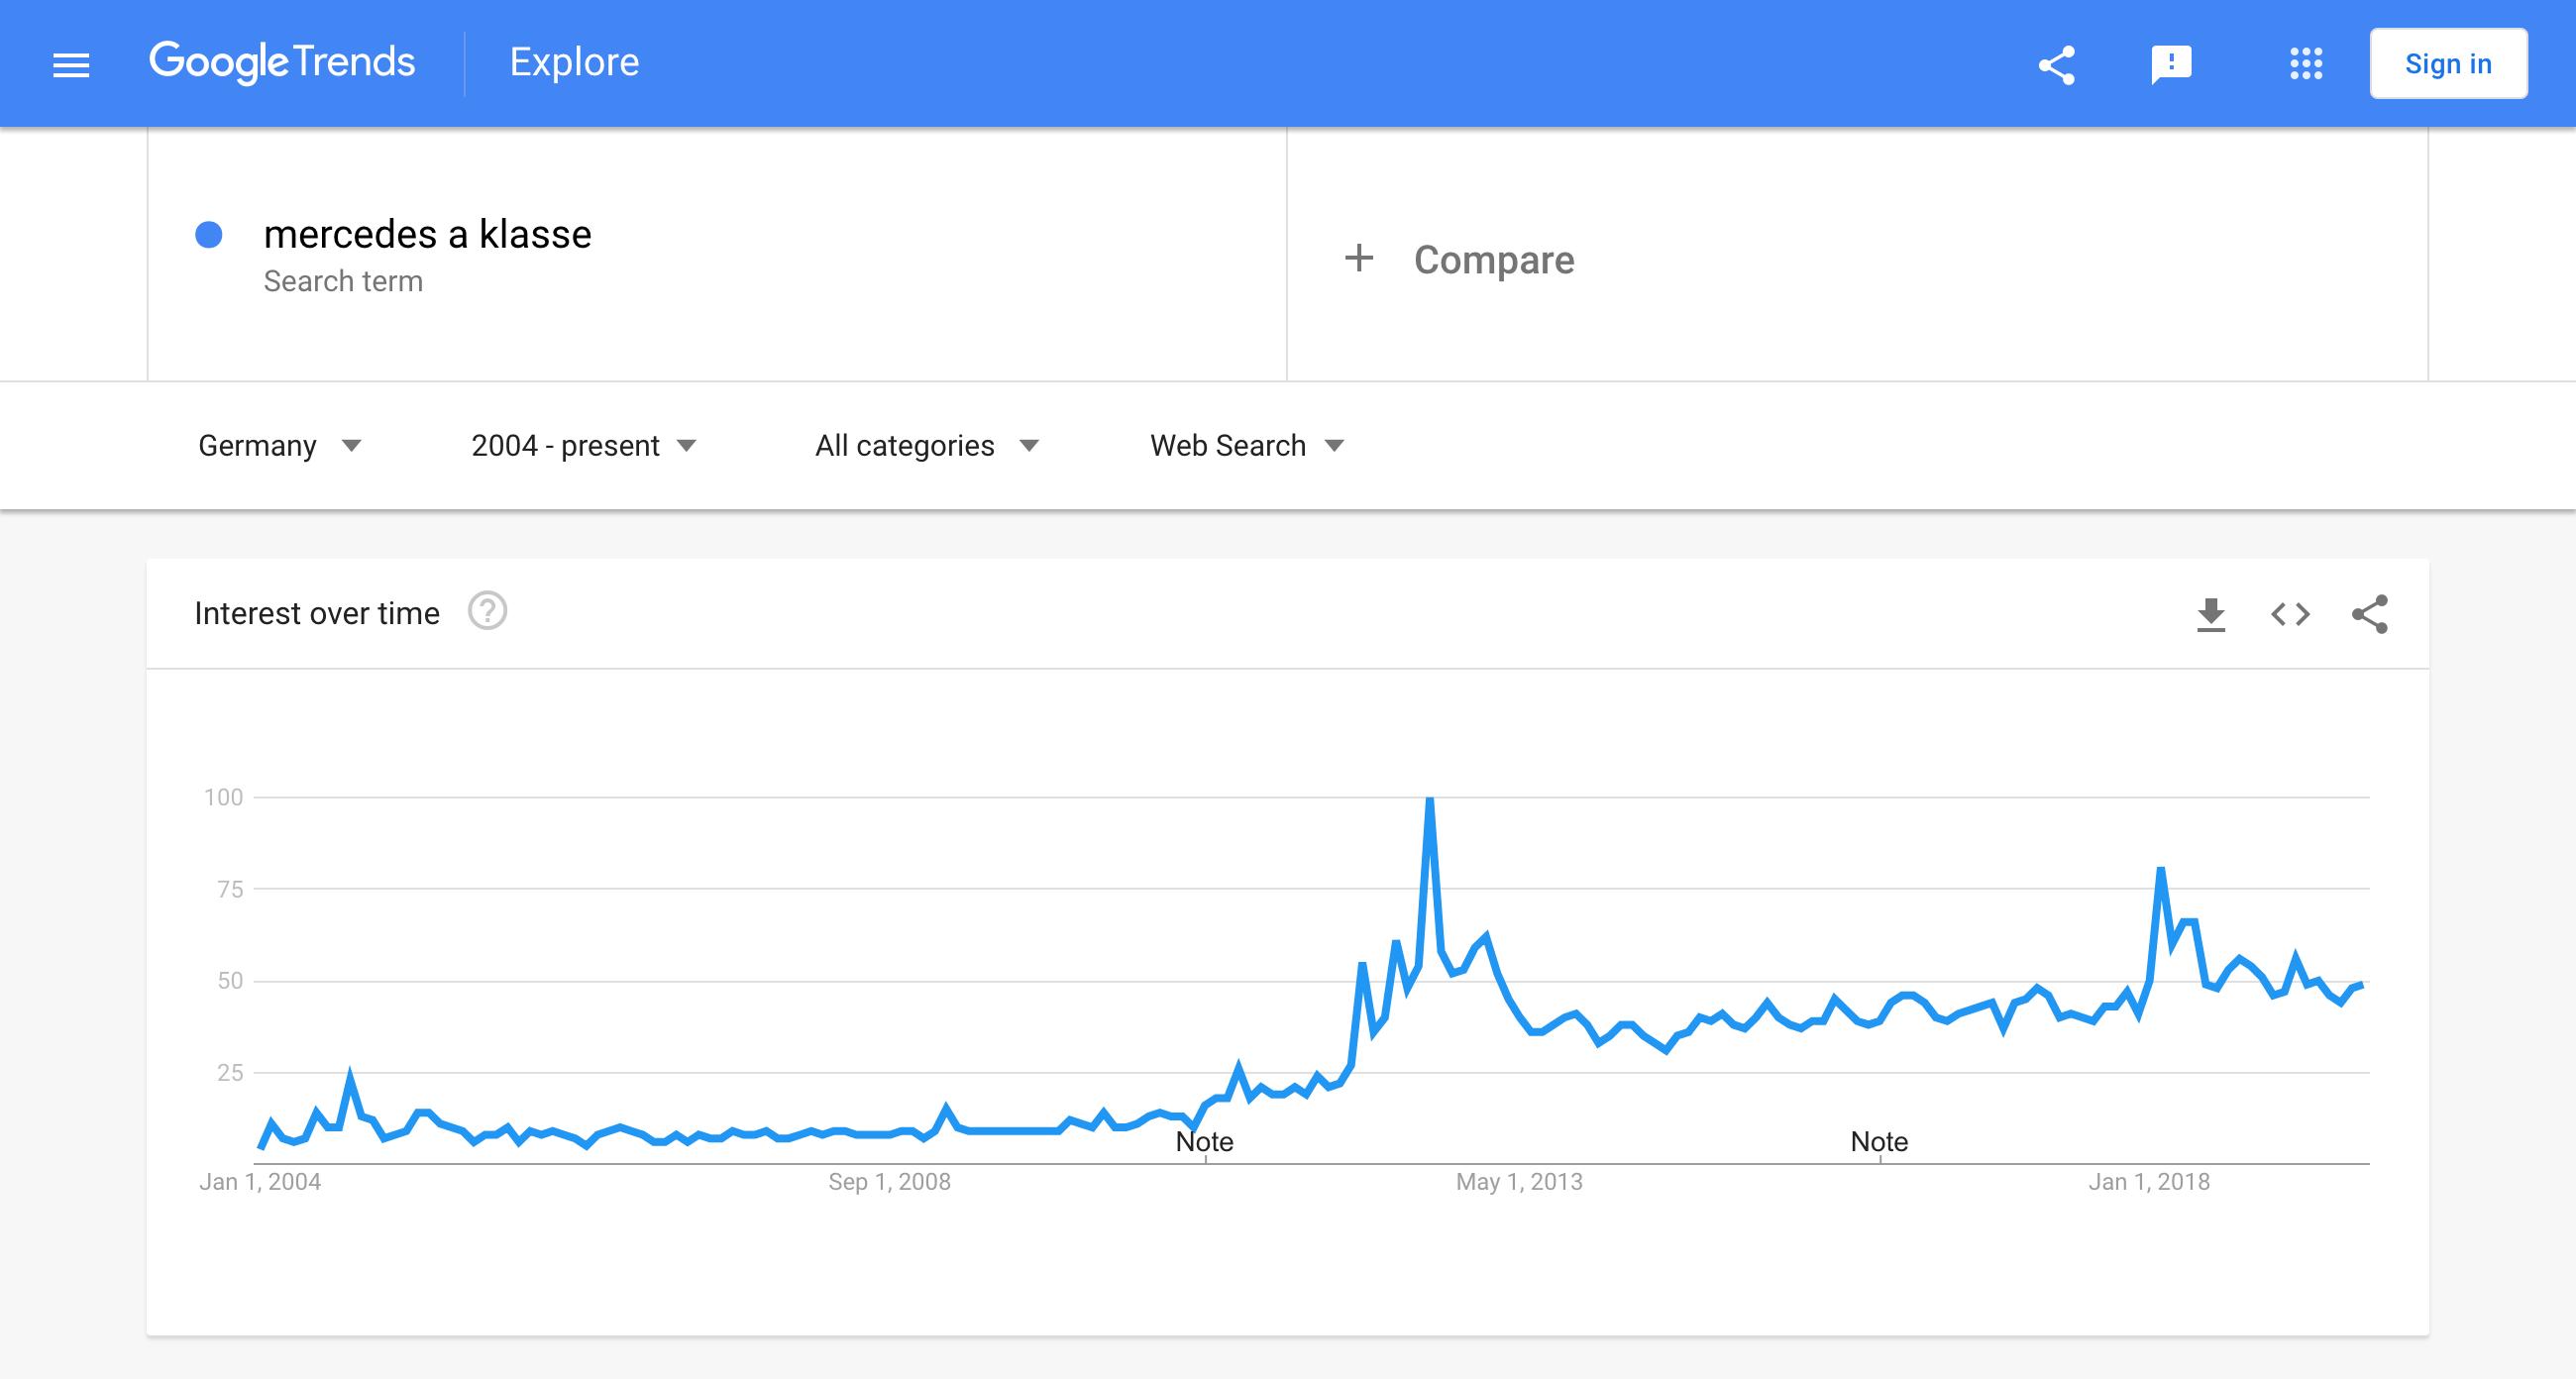 """Suchvolumen des Keywords """"mercedes a klasse"""" im zeitlichen in Google Trends."""